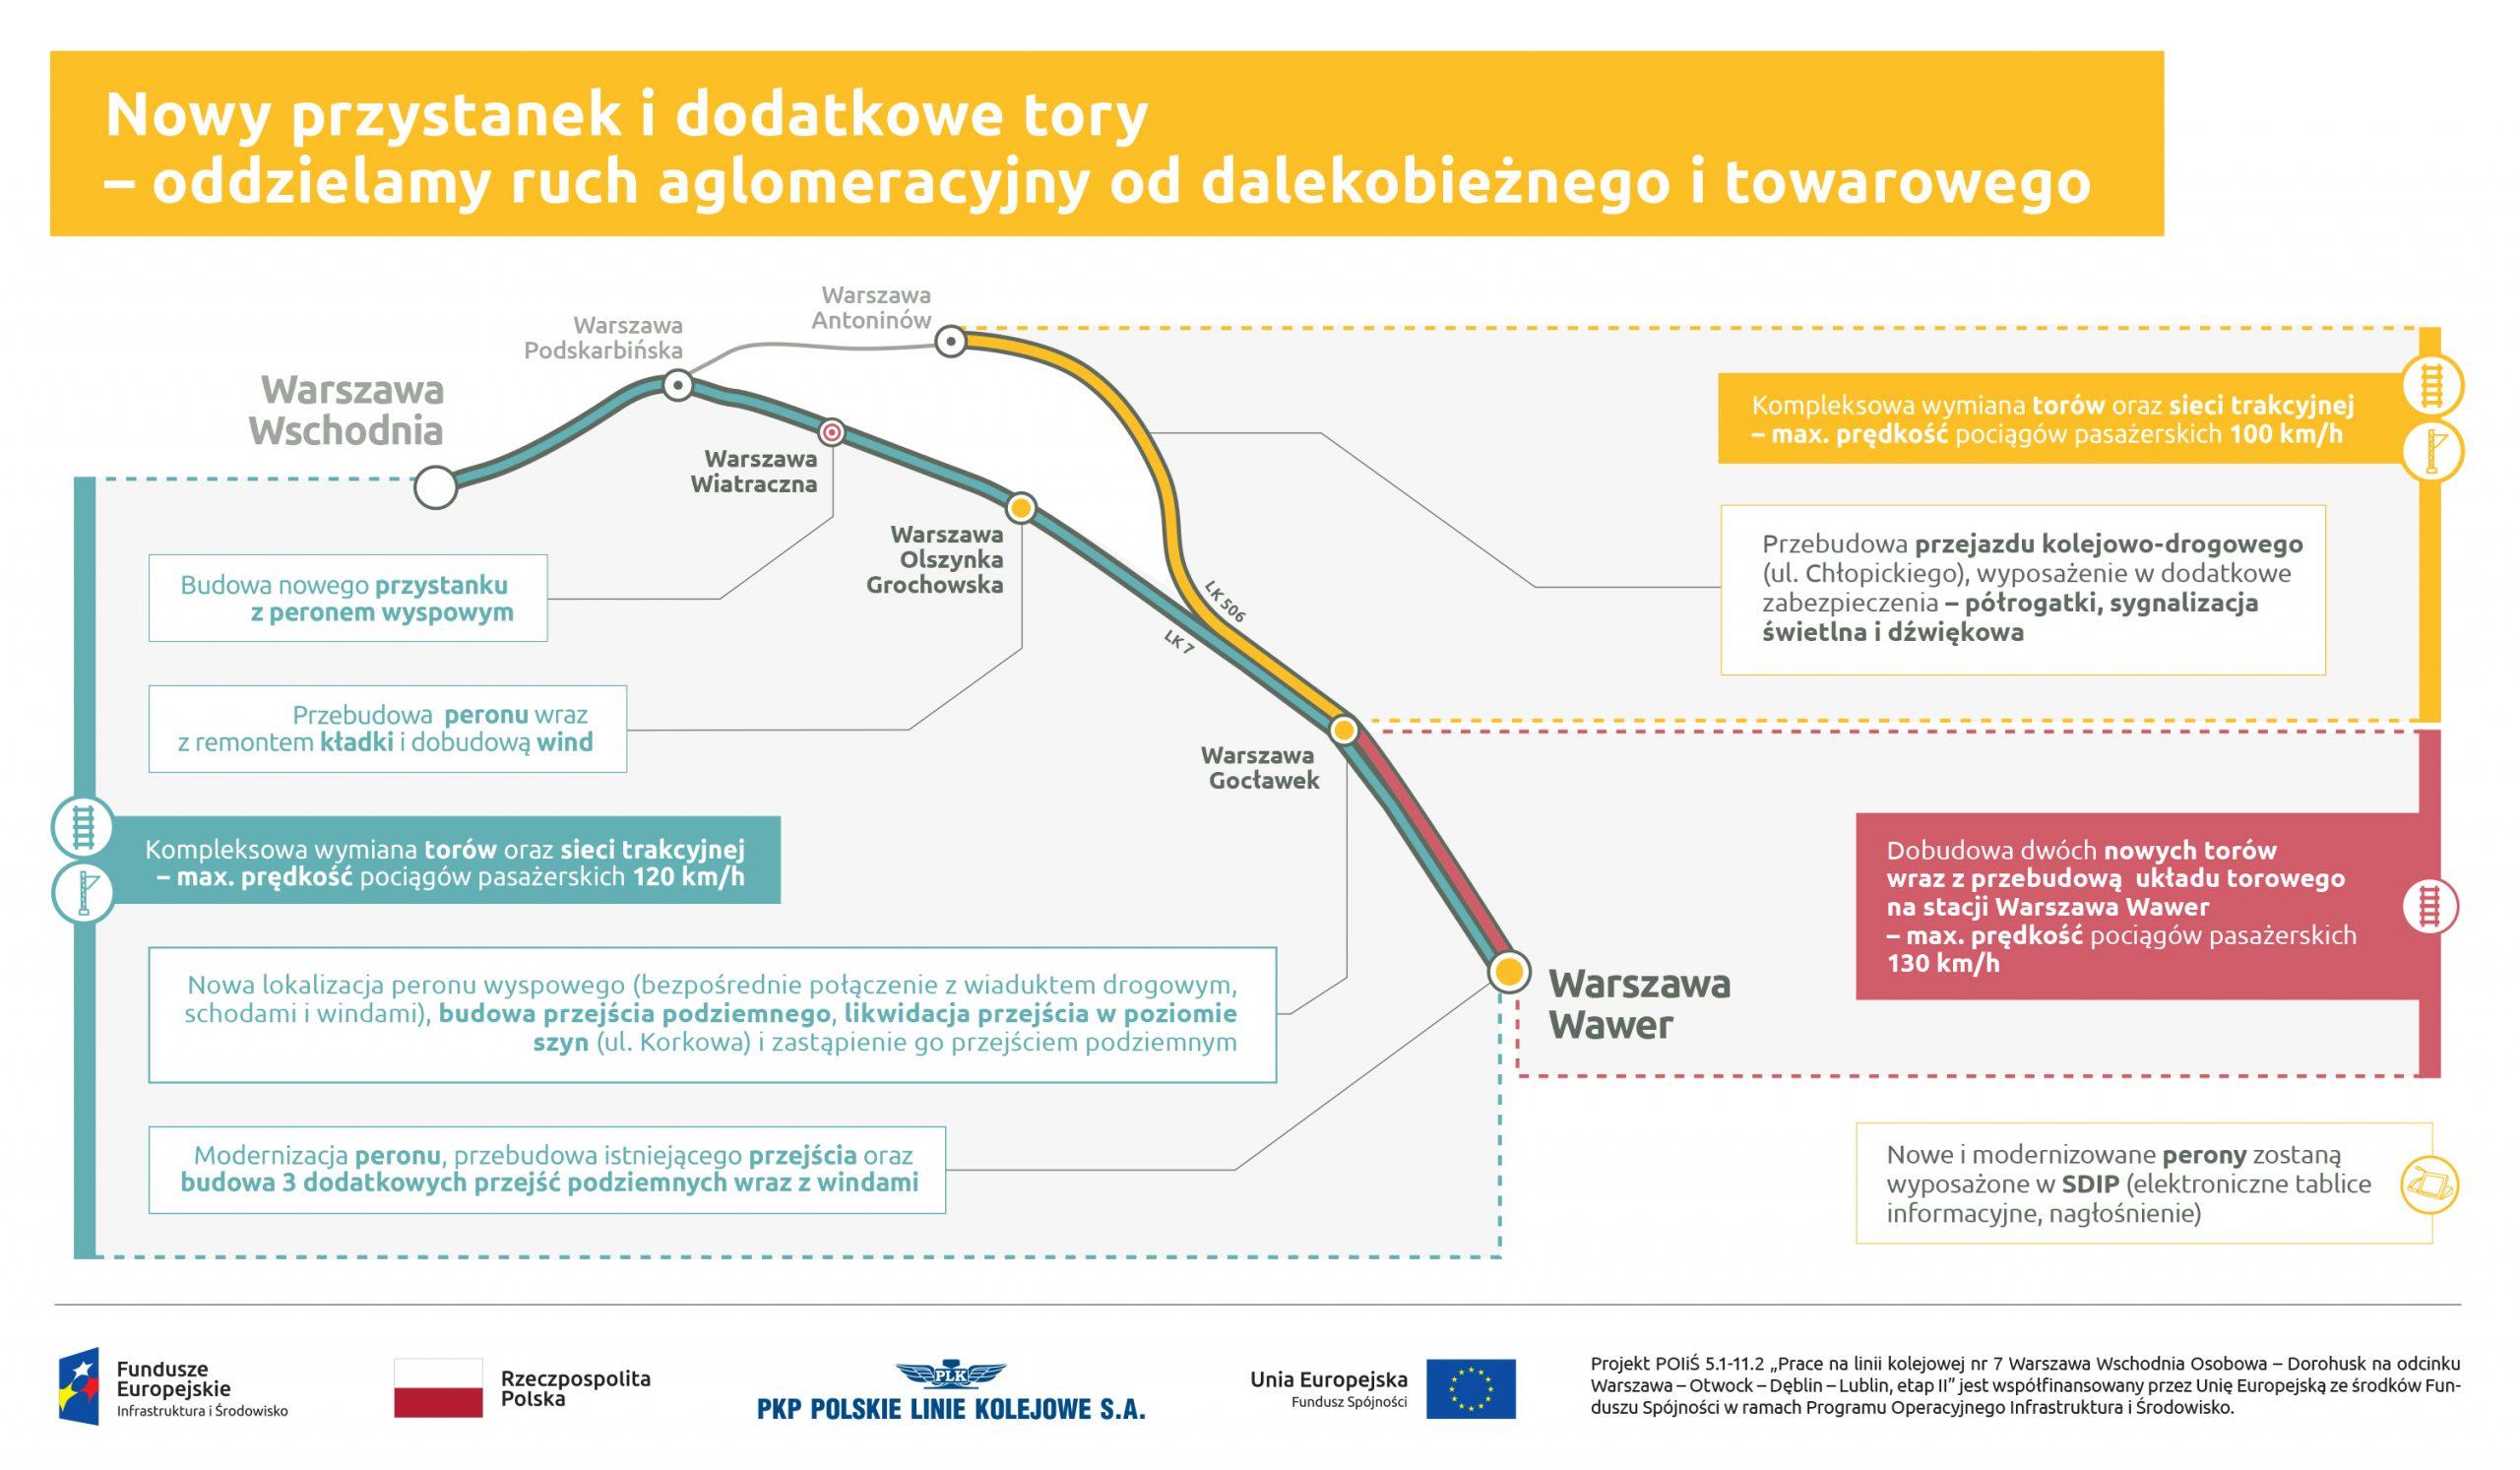 Infografika dotycząca powstania nowego przystanku i nowych torów na odcinku Warszawa Wschodnia - Warszawa Wawer